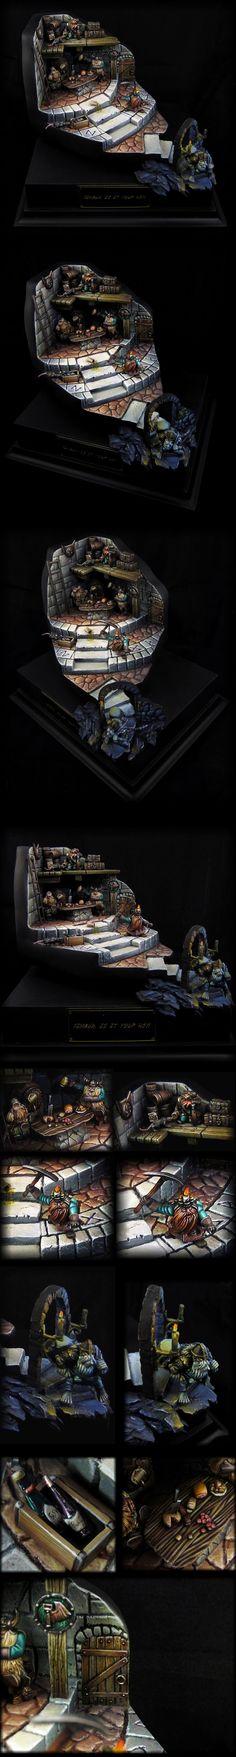 IT Golden Demon 2013 - Silver (dwarves diorama)